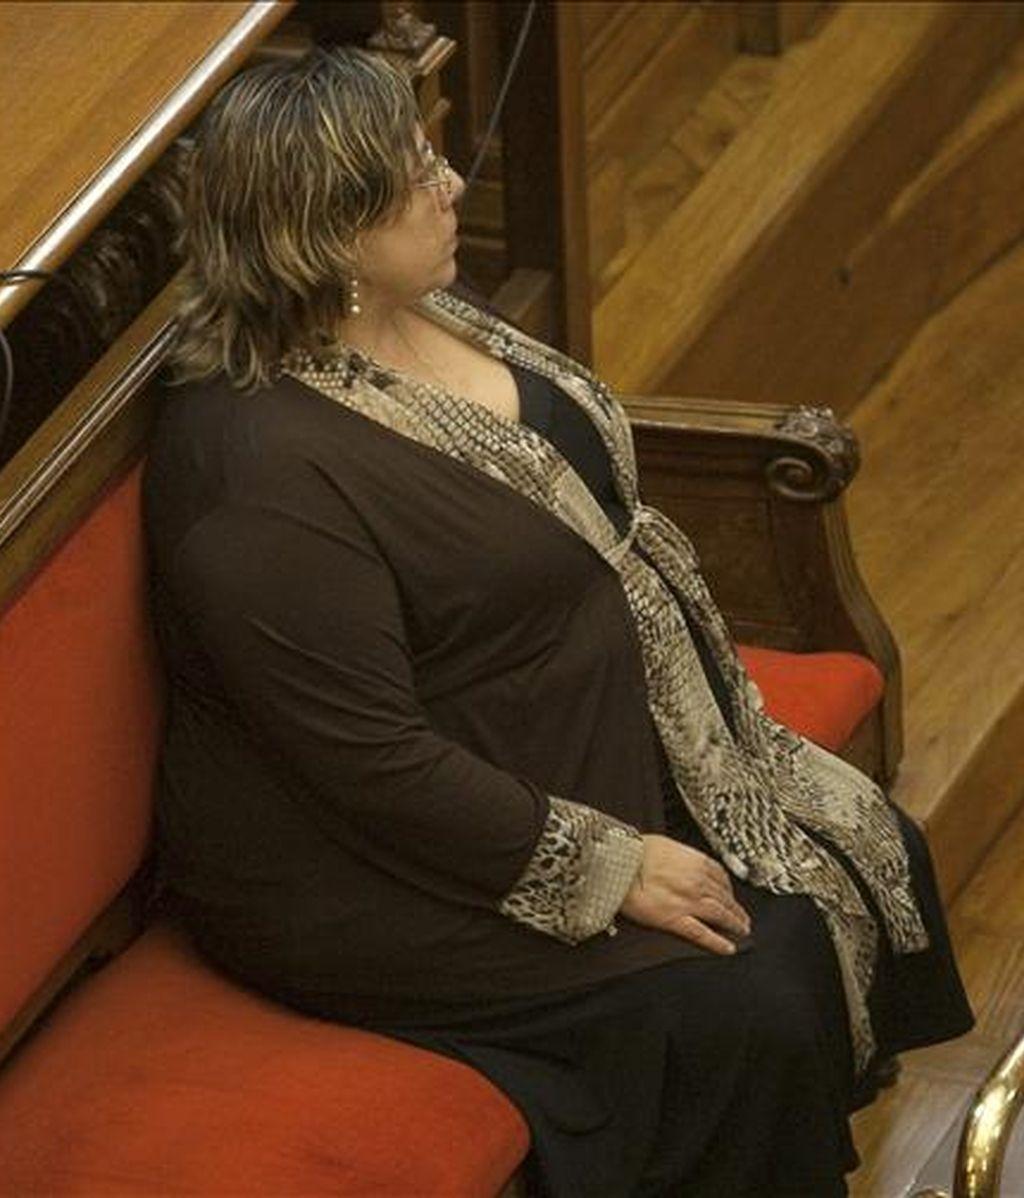 Maria Pilar G. el pasado día 2 en el segundo juicio como acusada de asesinar a su marido en 1998 para cobrar un seguro de vida. EFE